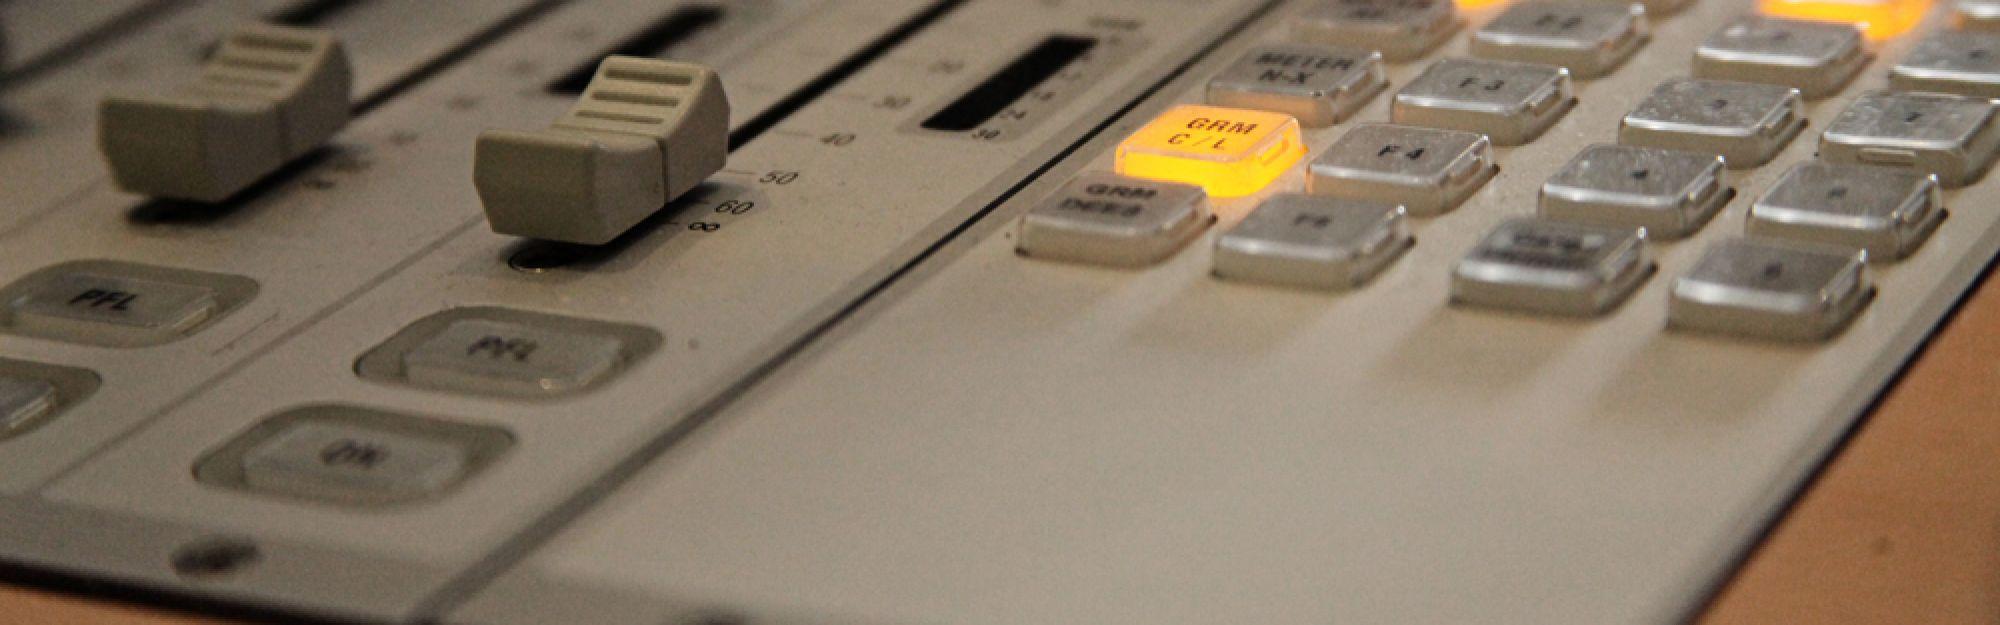 Die 6 besten Internetradio Anbieter, um Musik online zu hören.